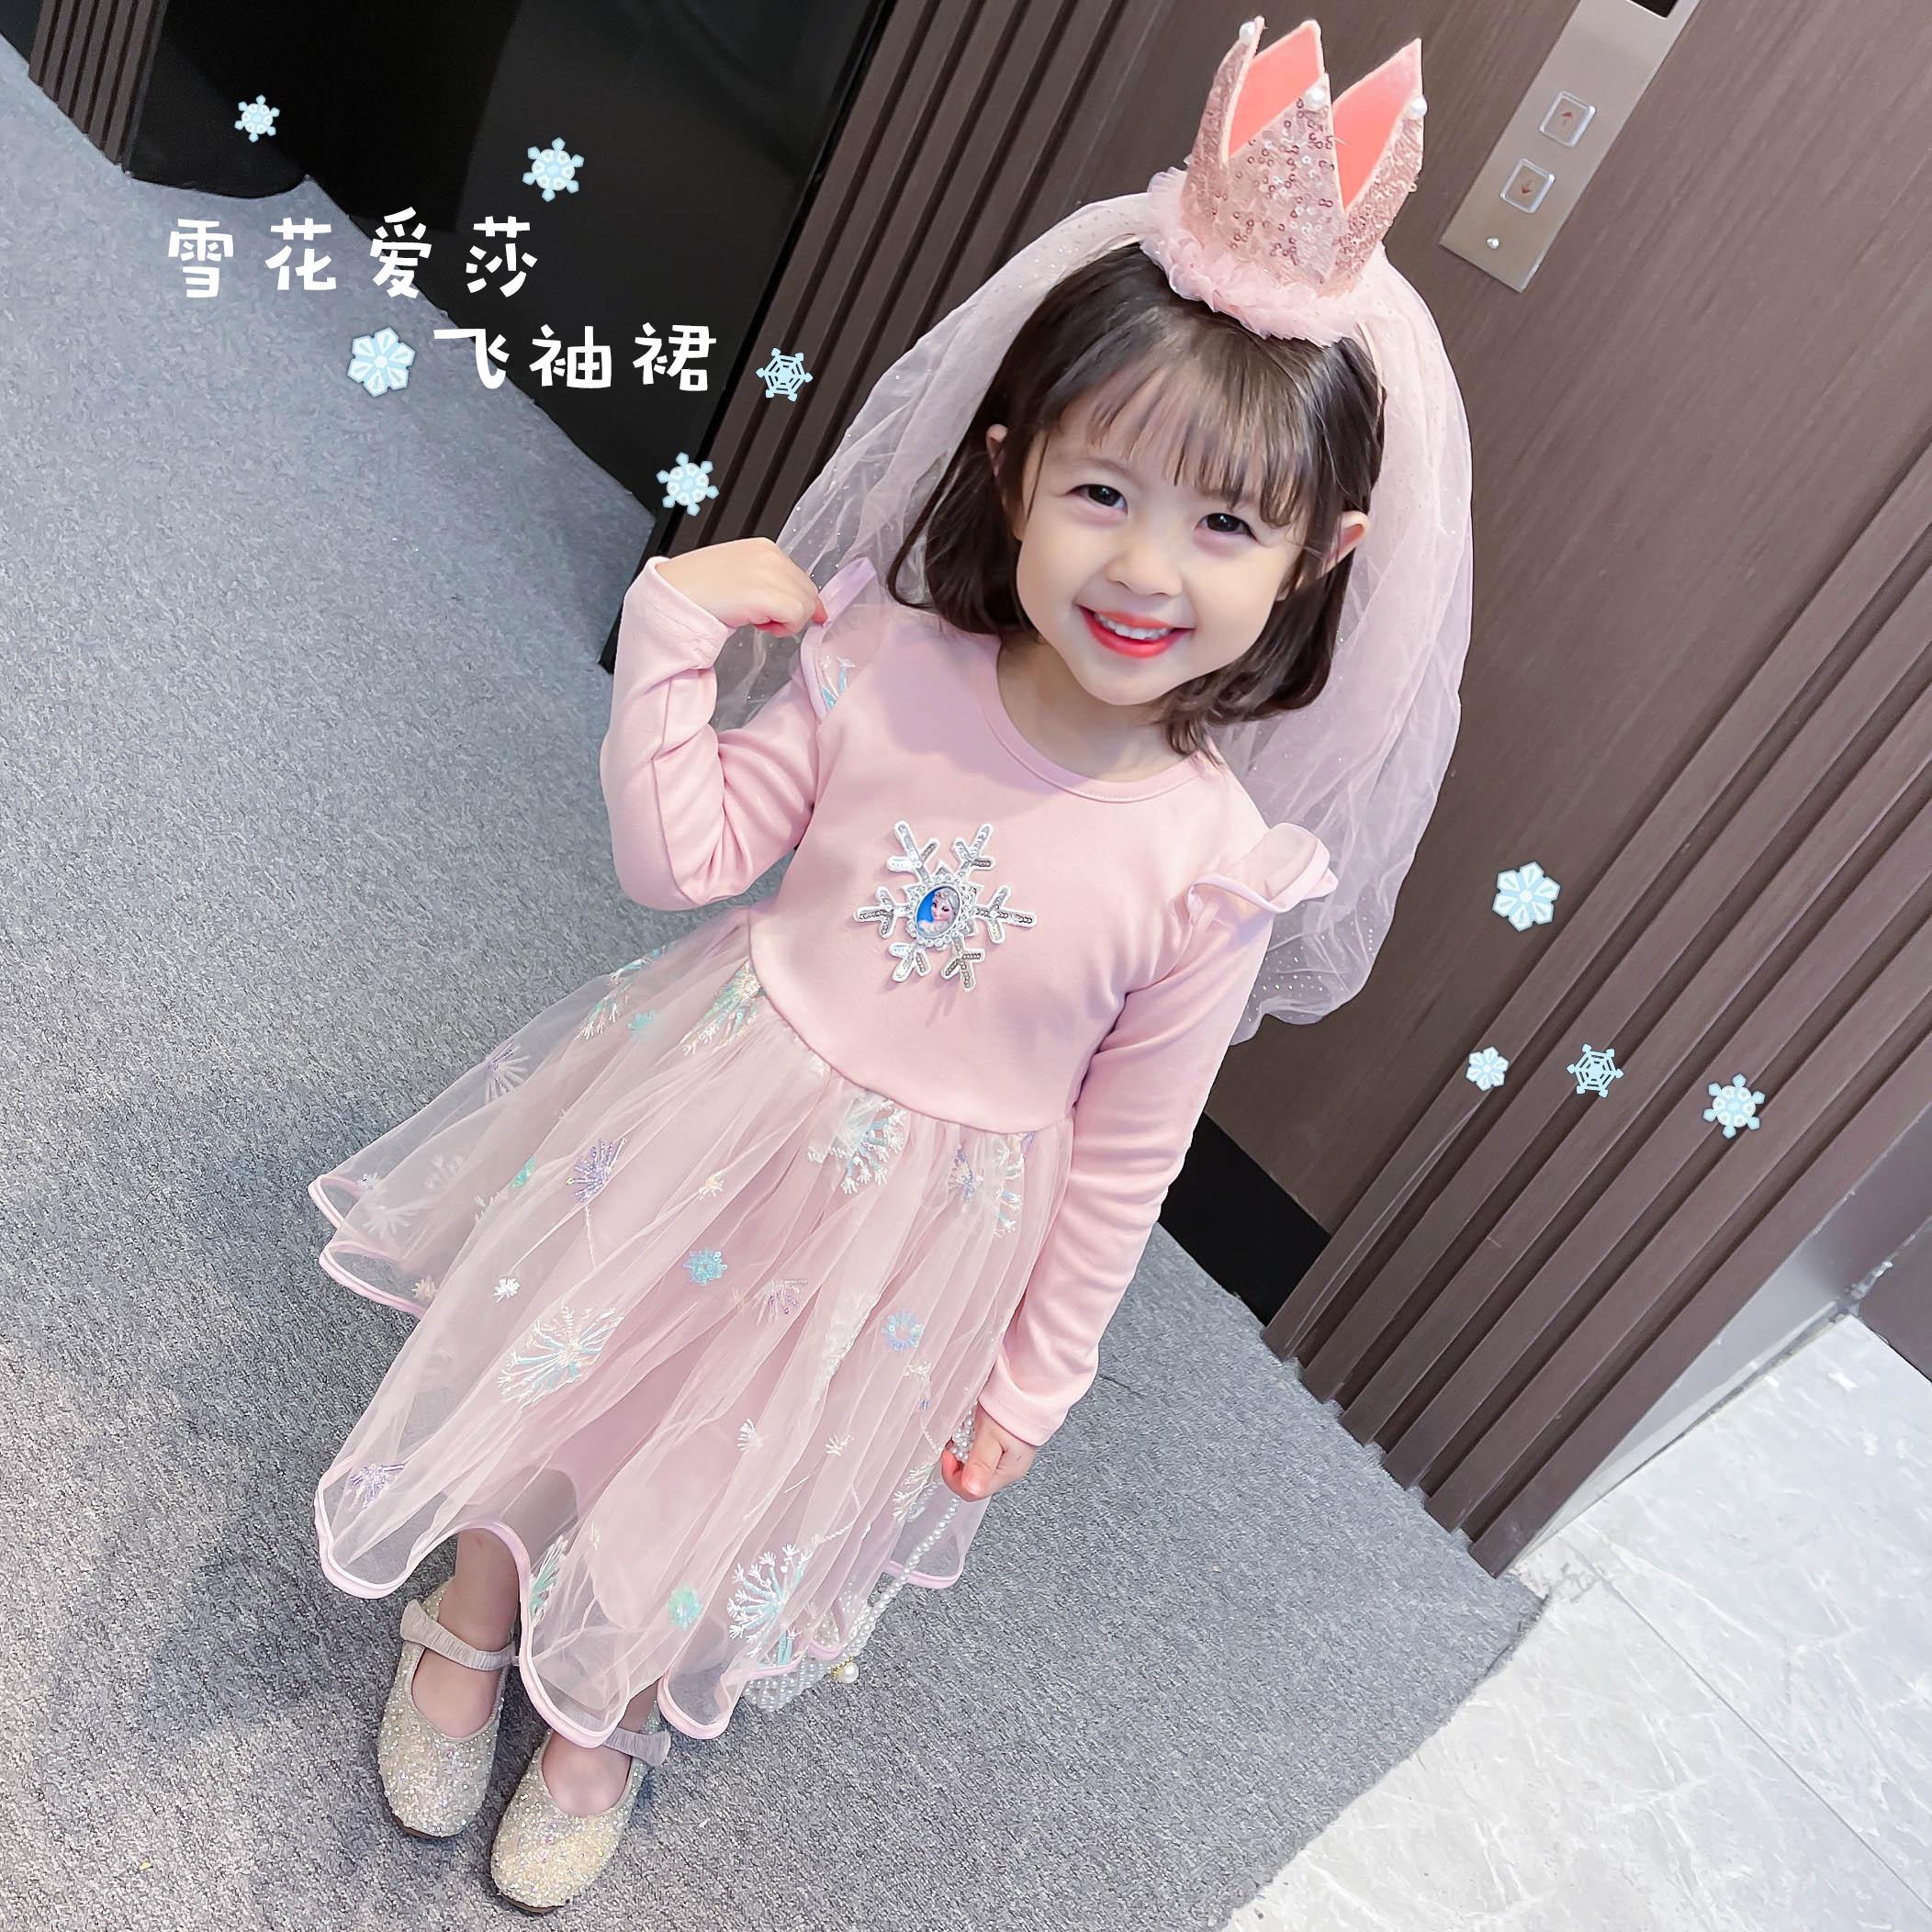 女童春装连衣裙纱裙洋气童装儿童裙子小宝宝洛丽塔爱莎公主裙春款